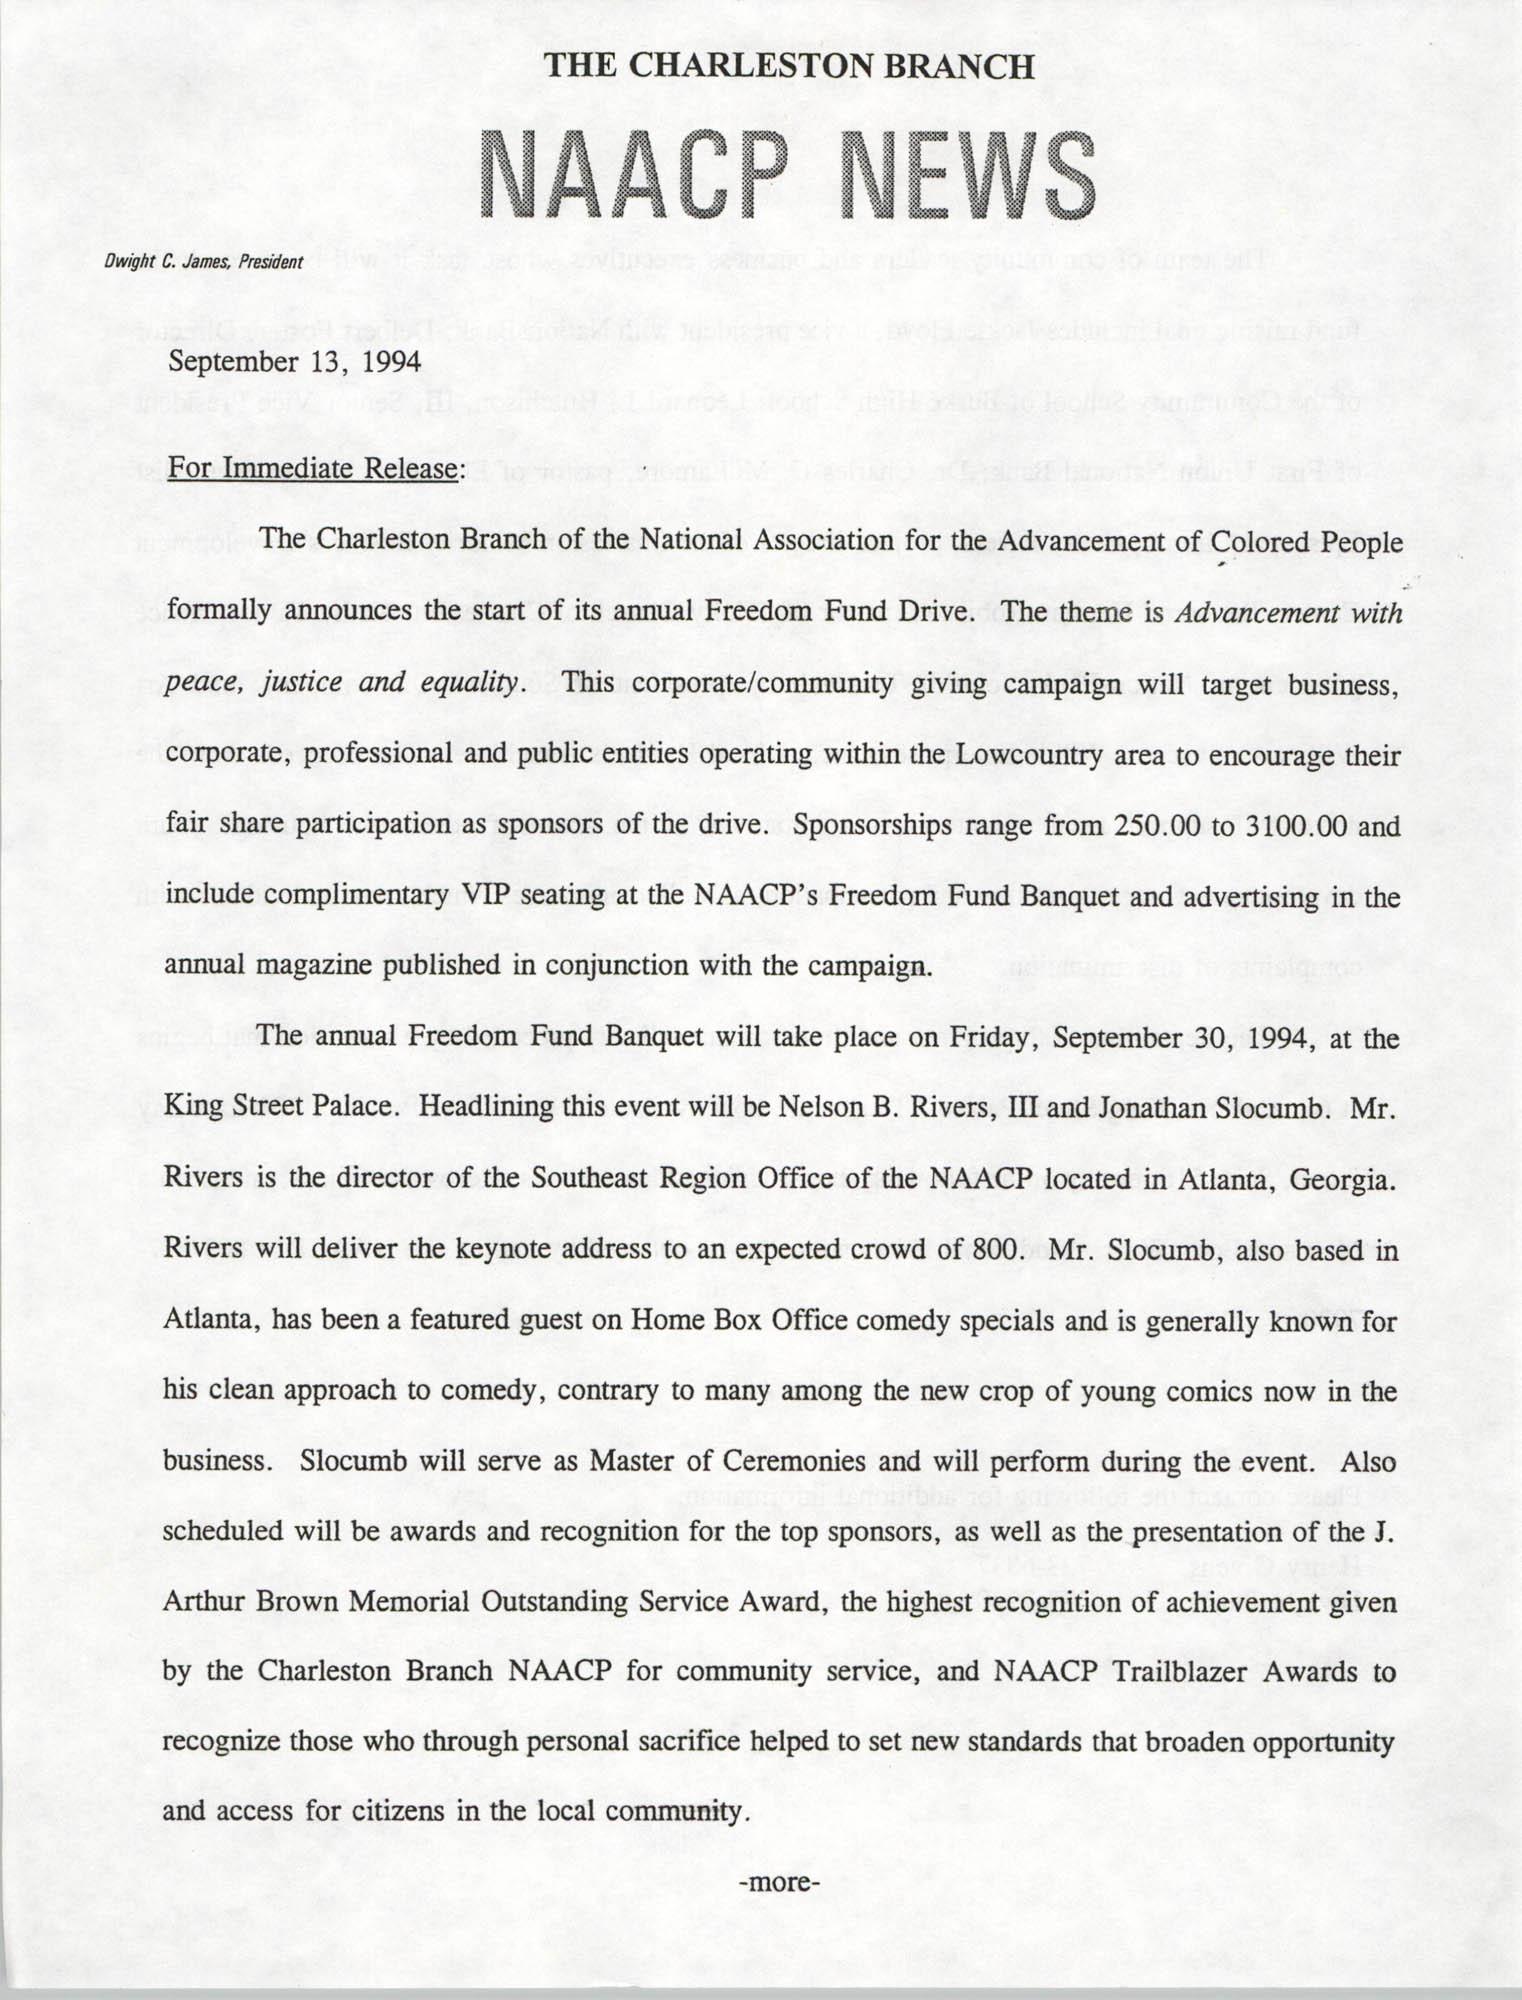 NAACP News, September 13, 1994